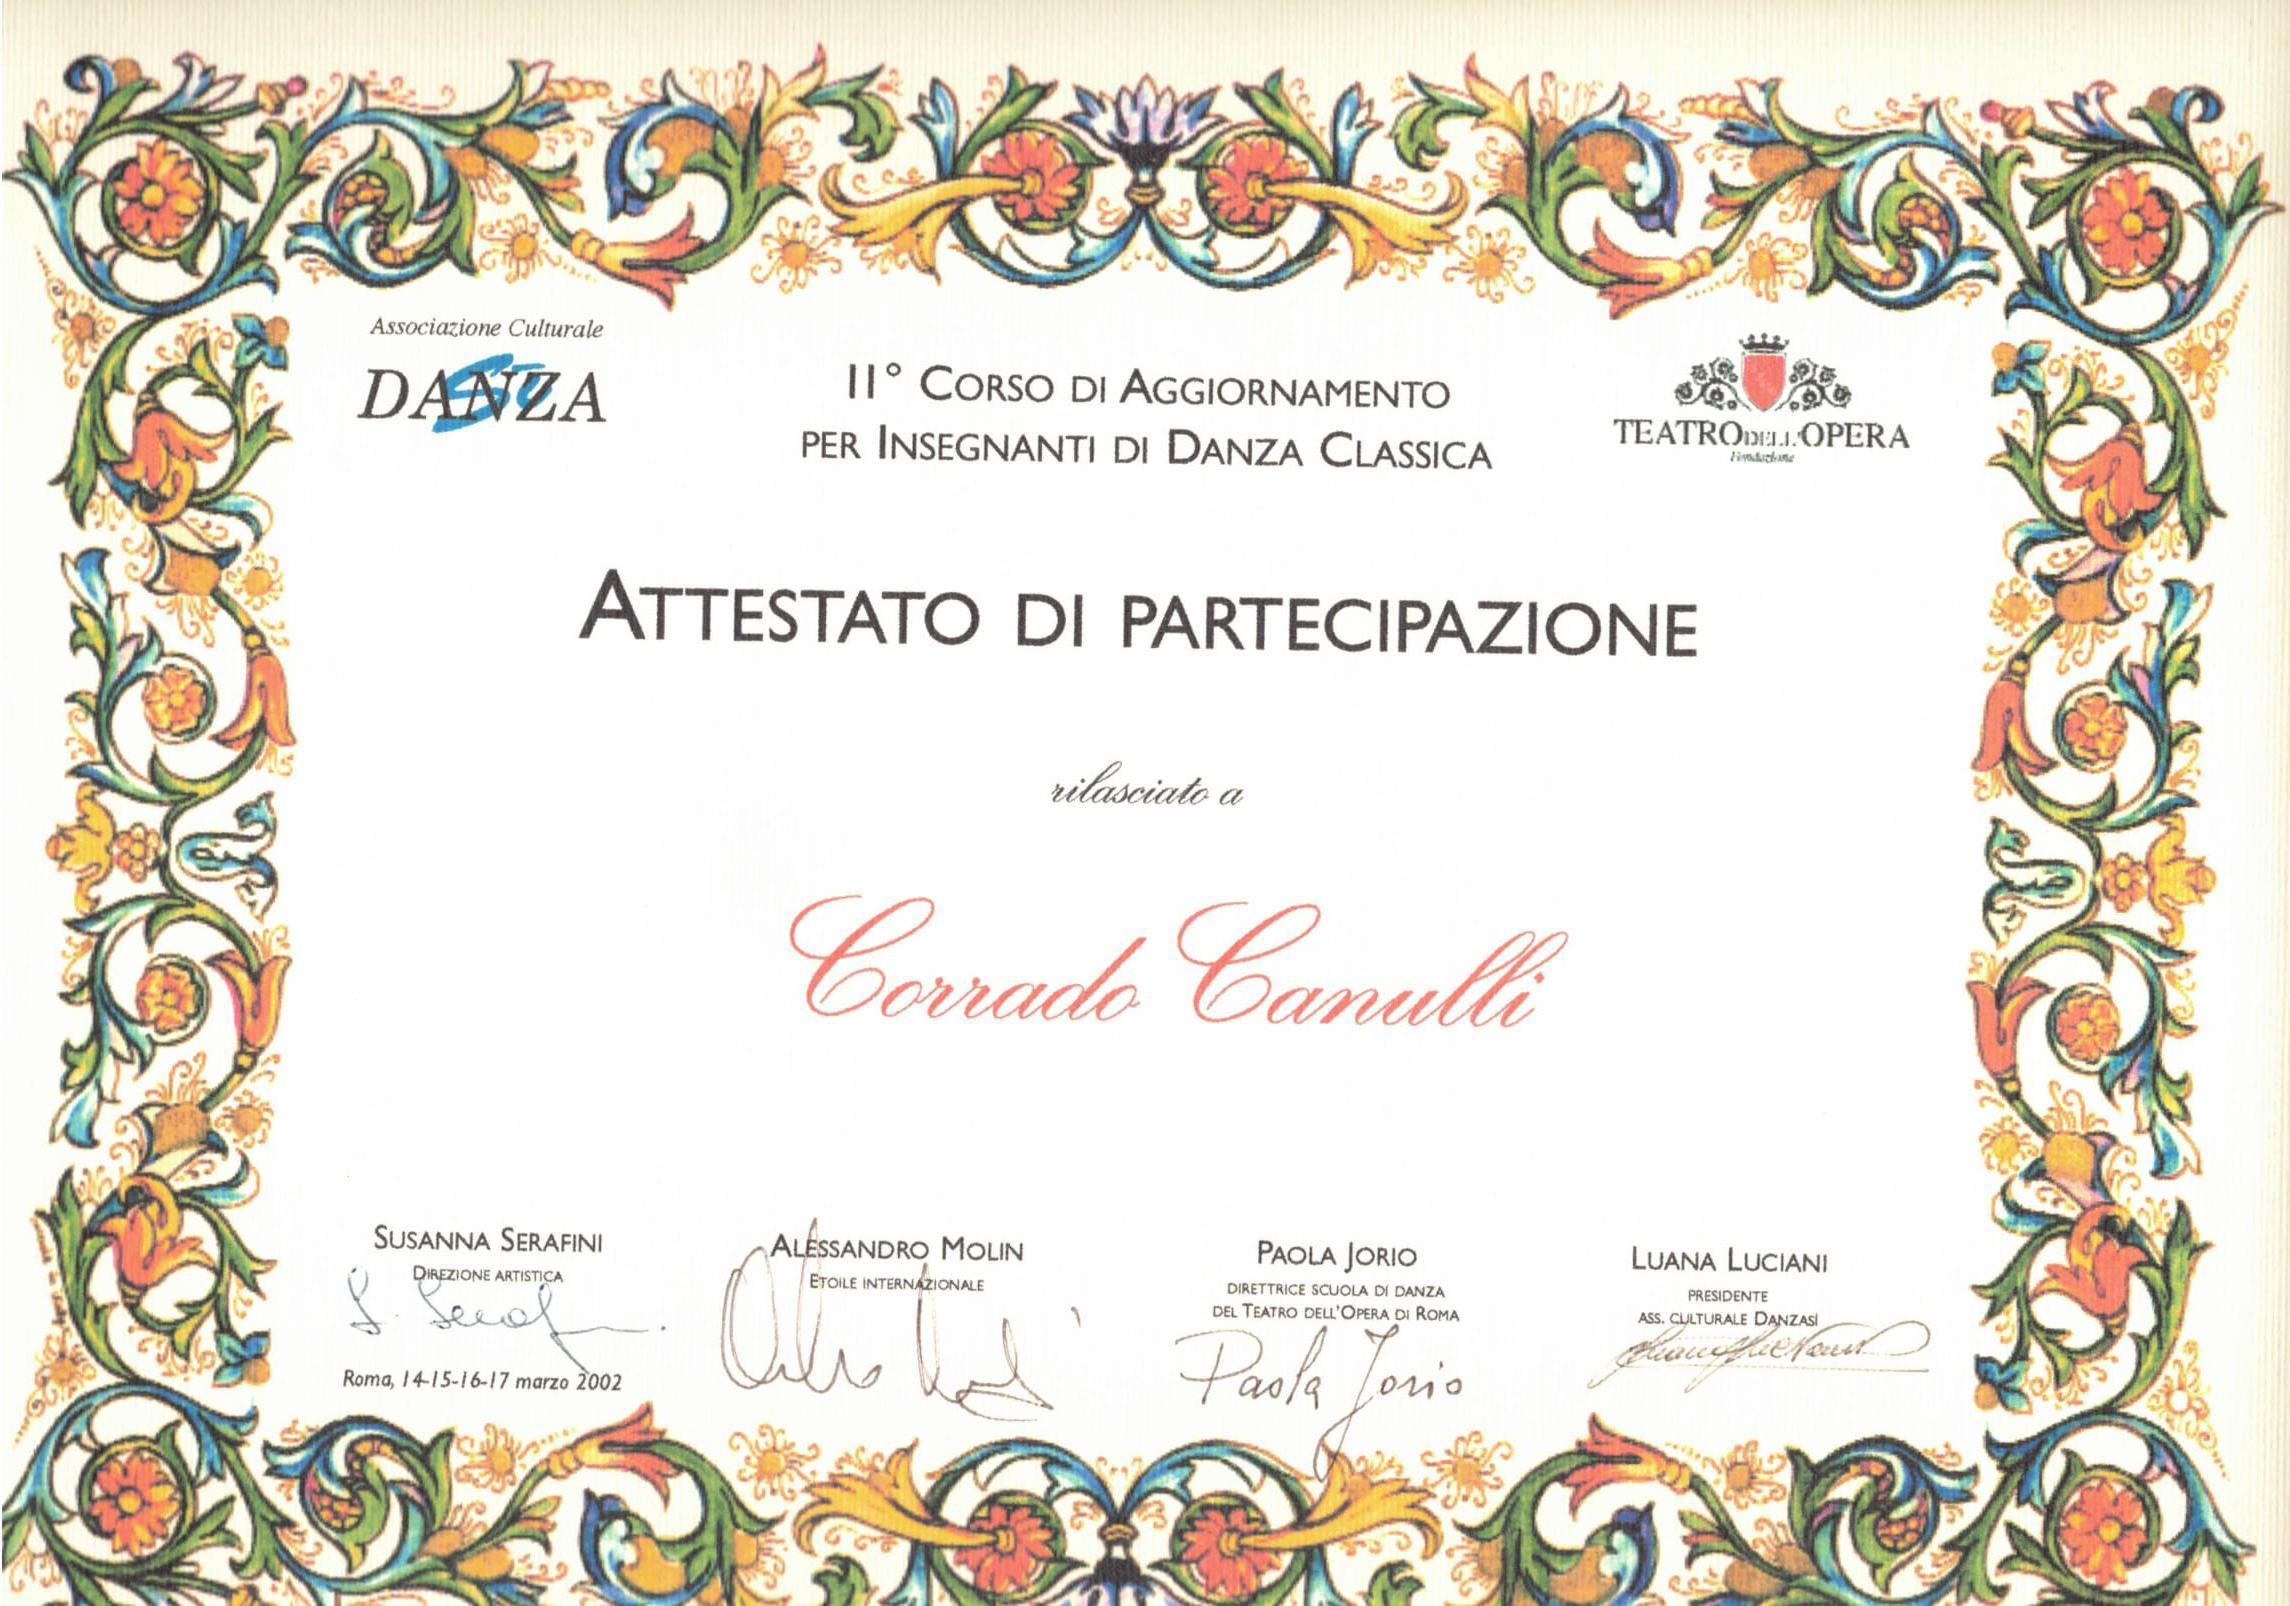 Aggiornamento presso la Scuola di Ballo del Teatro dell'Opera di Roma